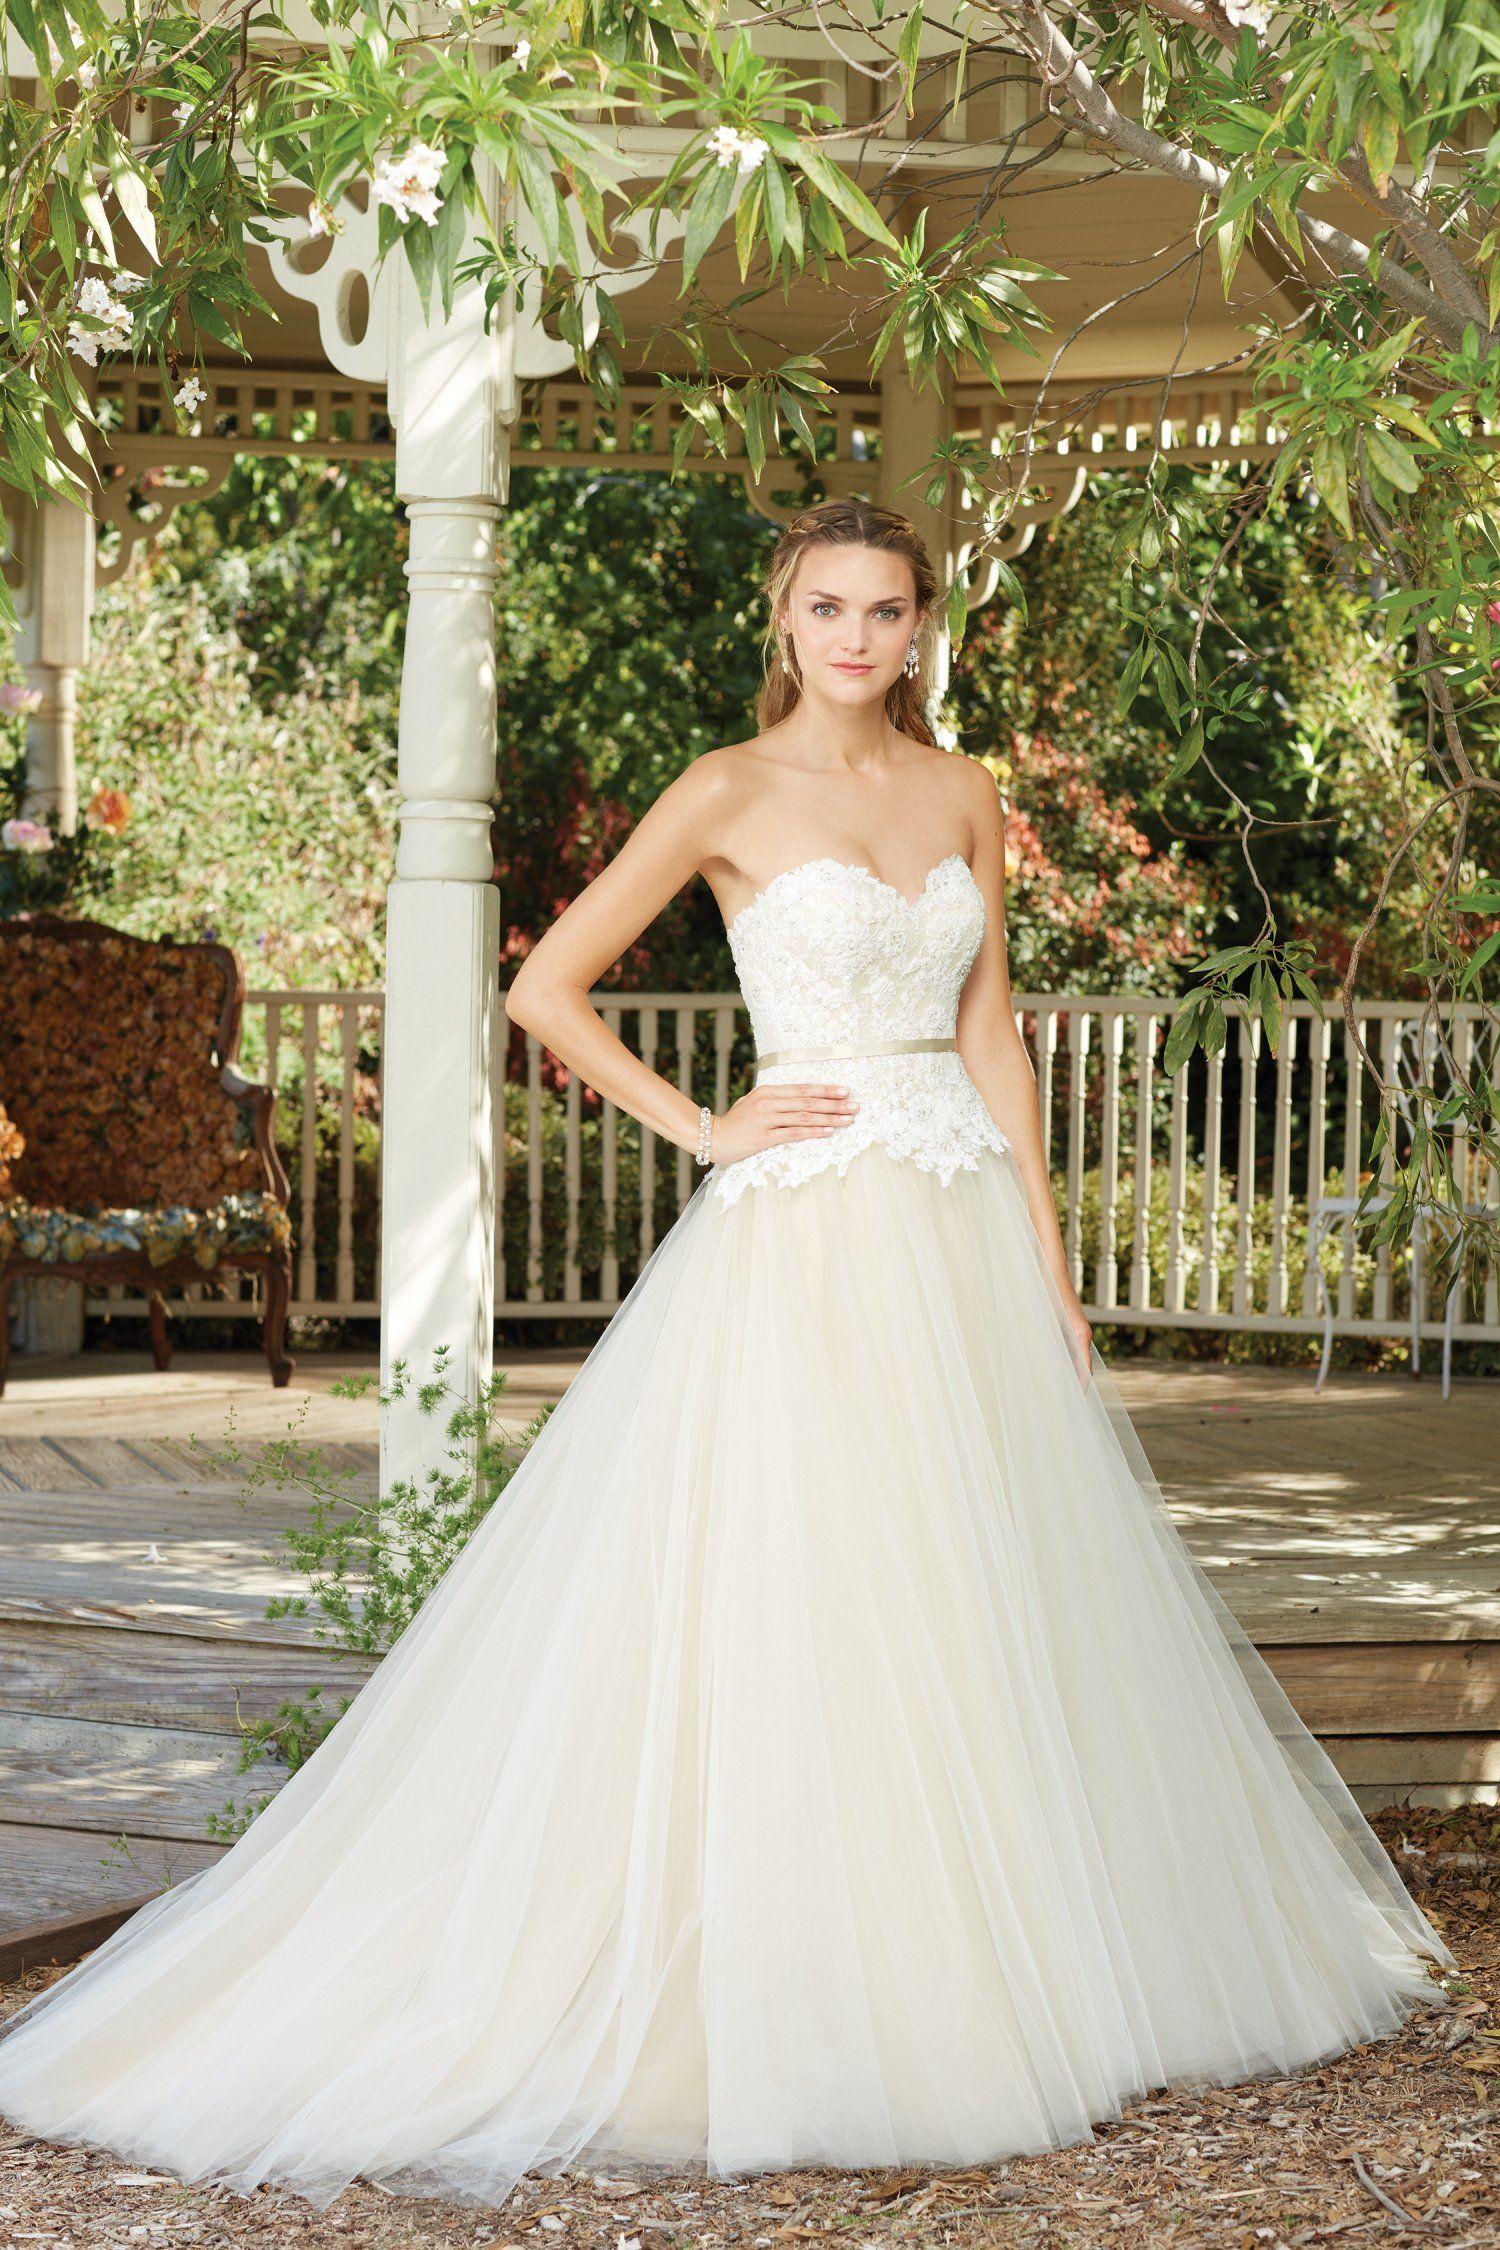 Casablanca Bridal 2282, Hydrangea Ball gowns wedding